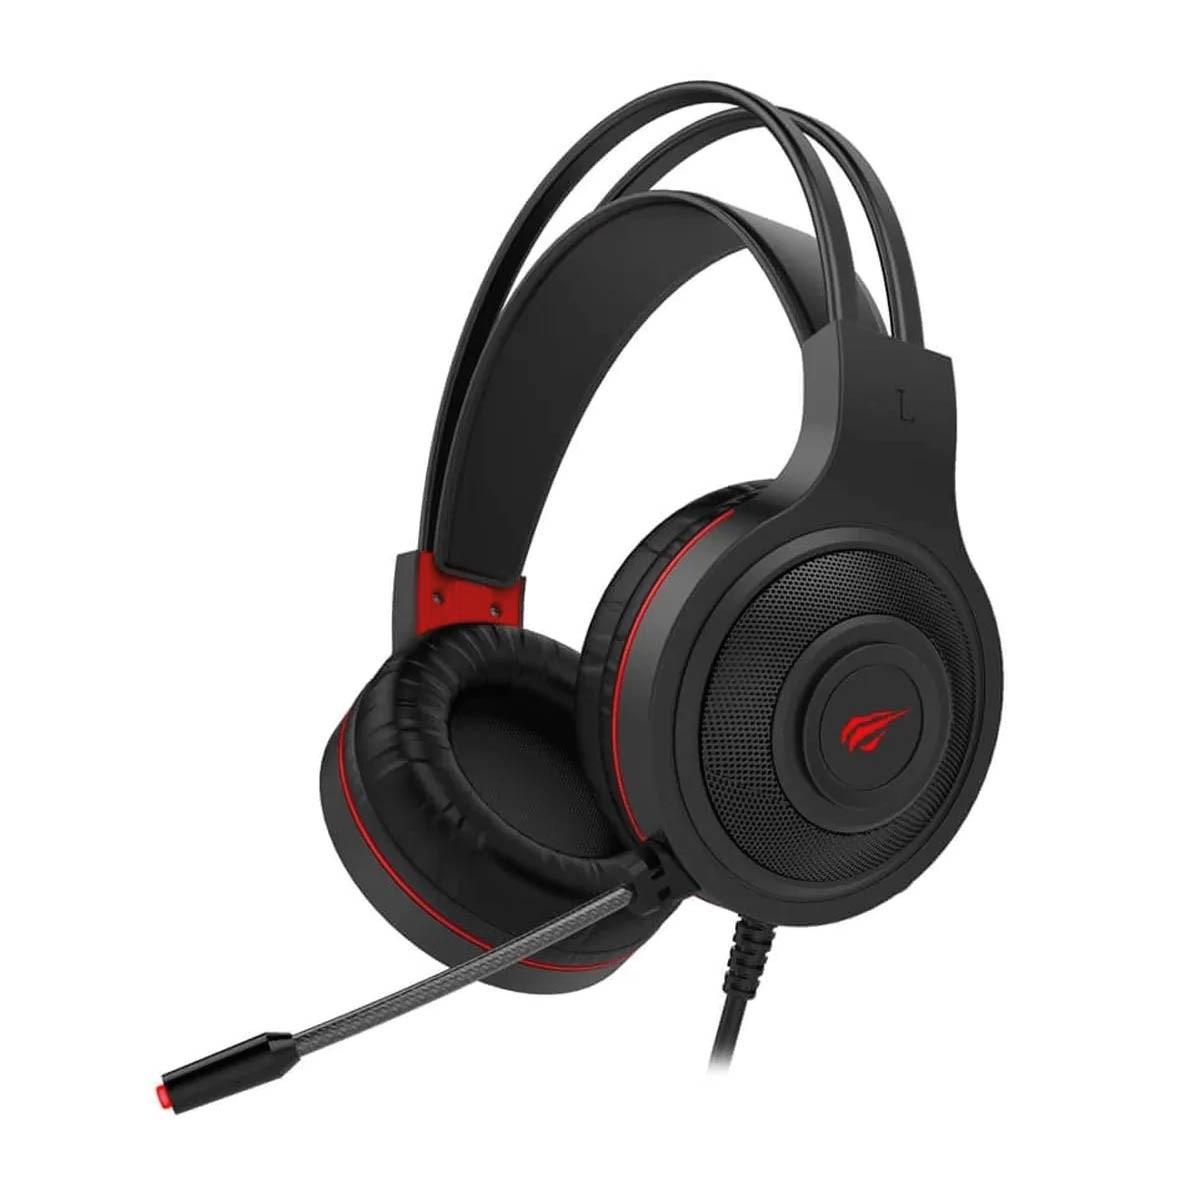 Headset Fone de Ouvido Havit H2011D Gamer Led Vermelho